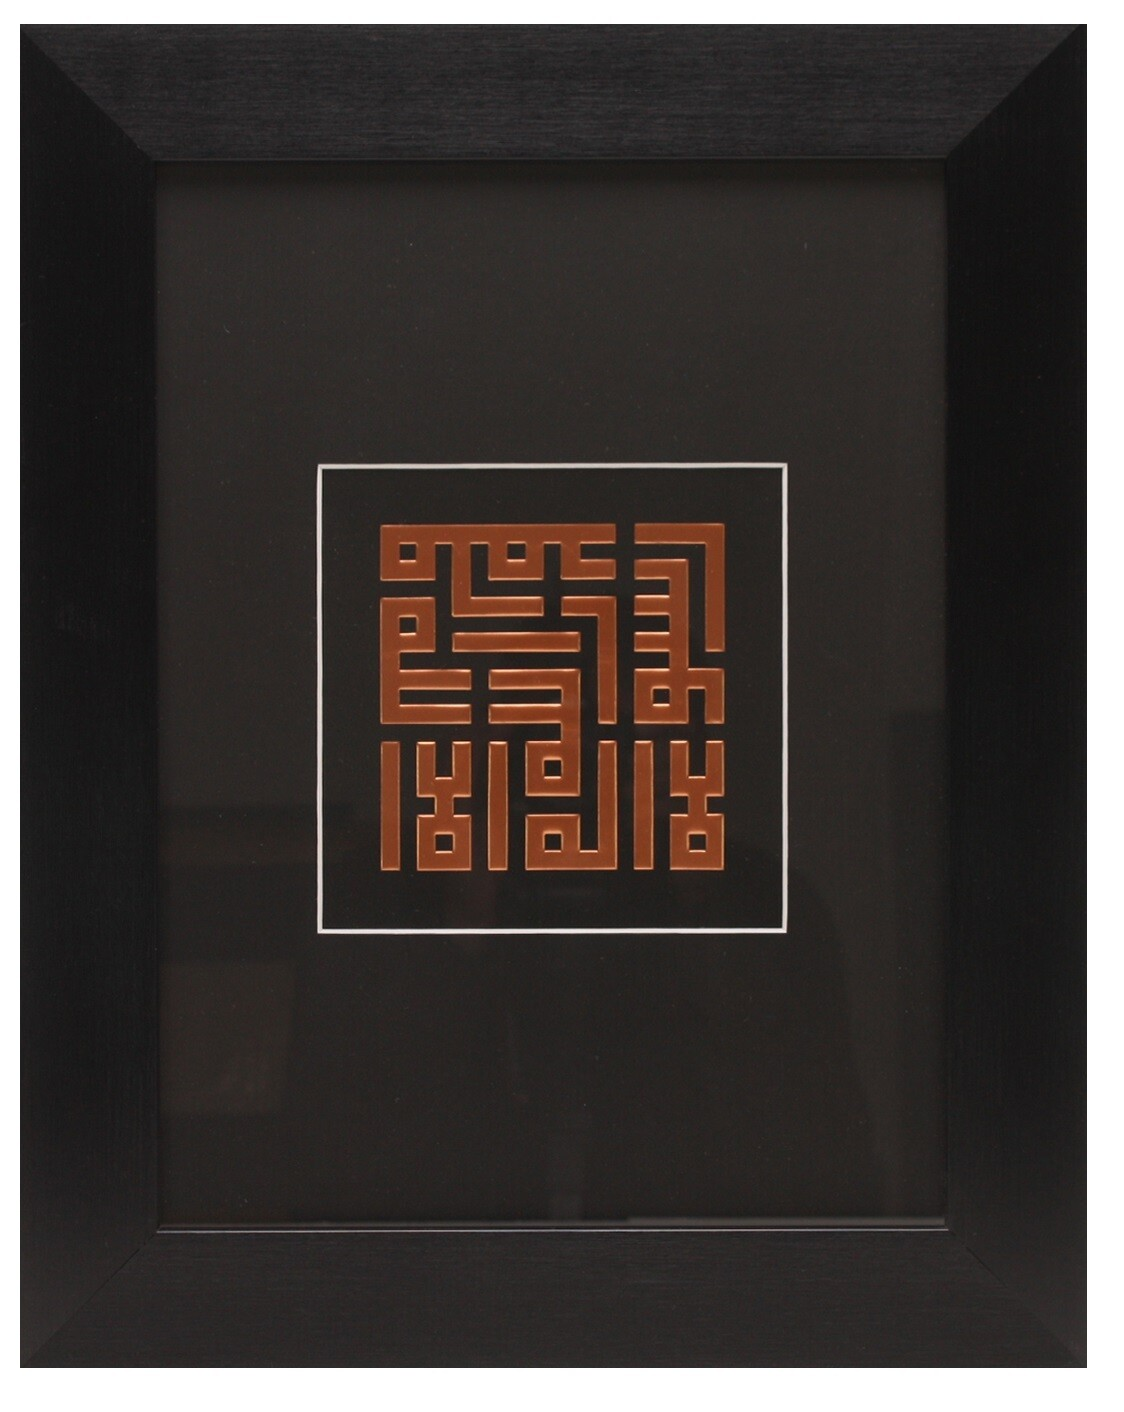 Copper Testimony of Faith - Shahadah in Kufic Design Black Frame